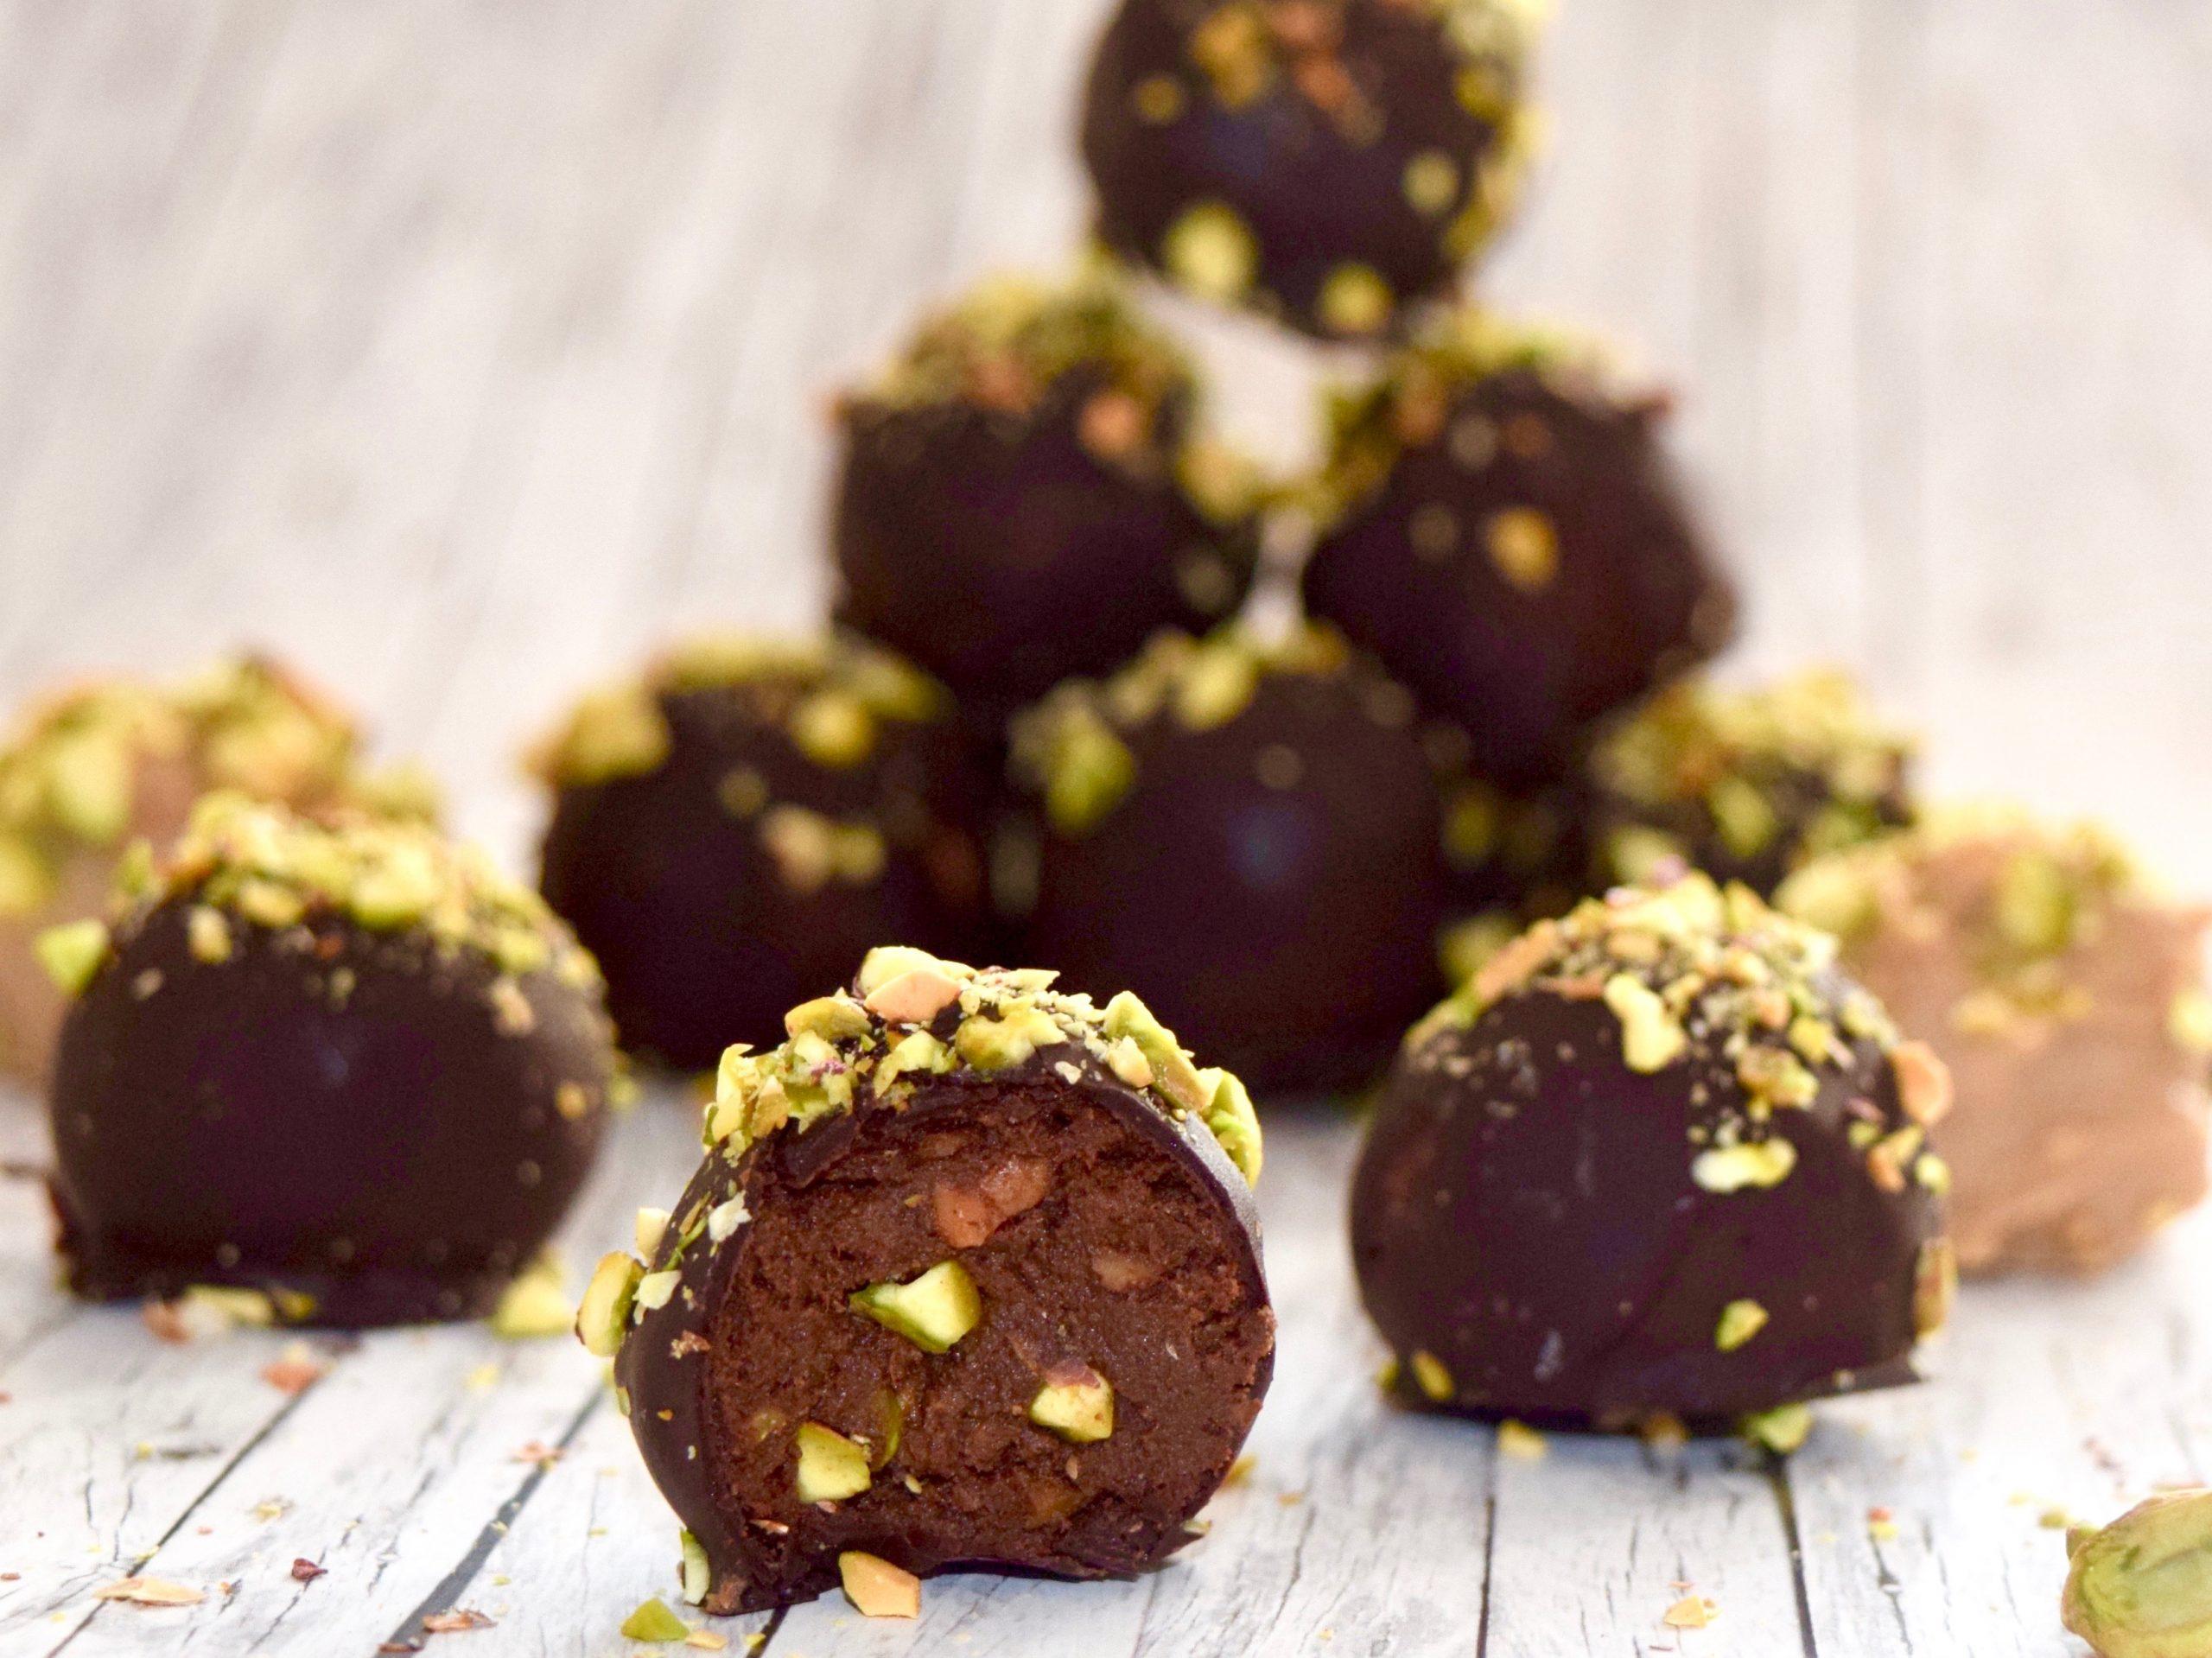 Čokoladne kroglice s pistacijo